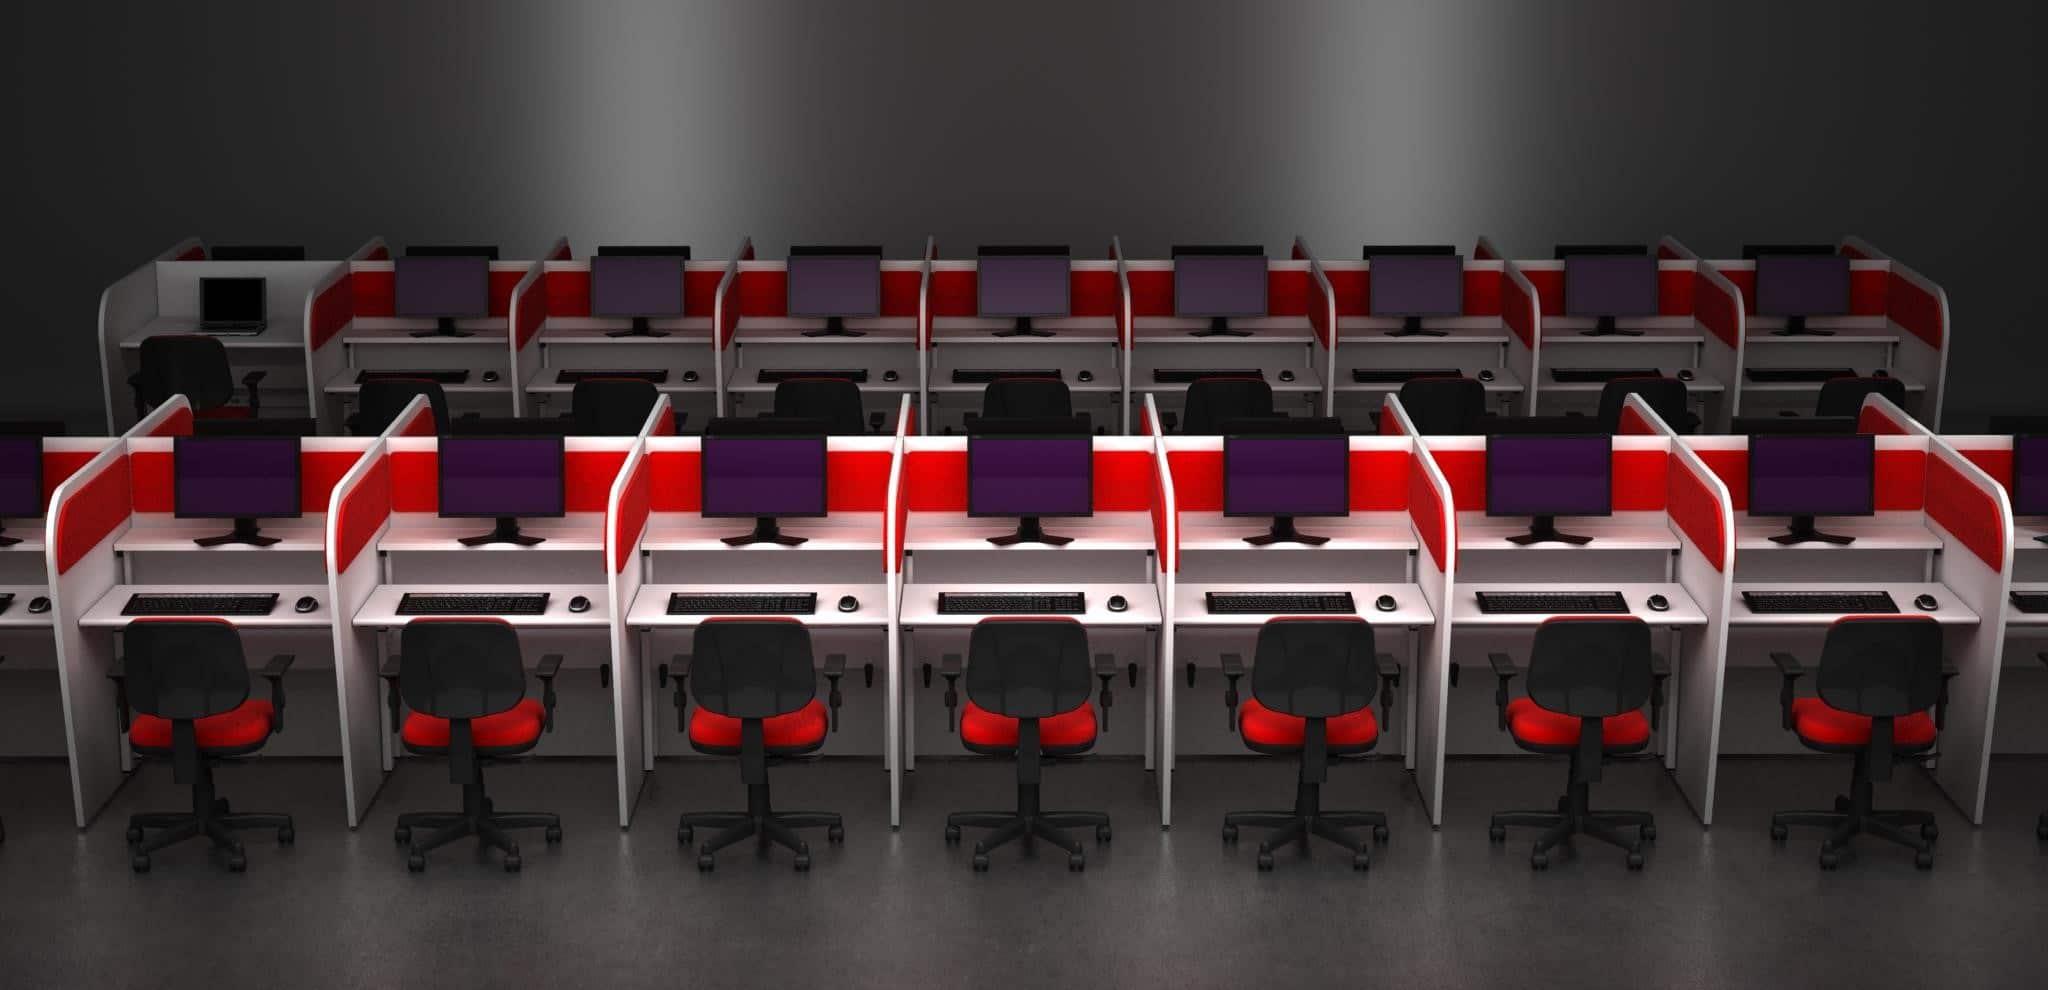 Descubra como Call Center Influi na Eficiencia e na Produtividade 01-1